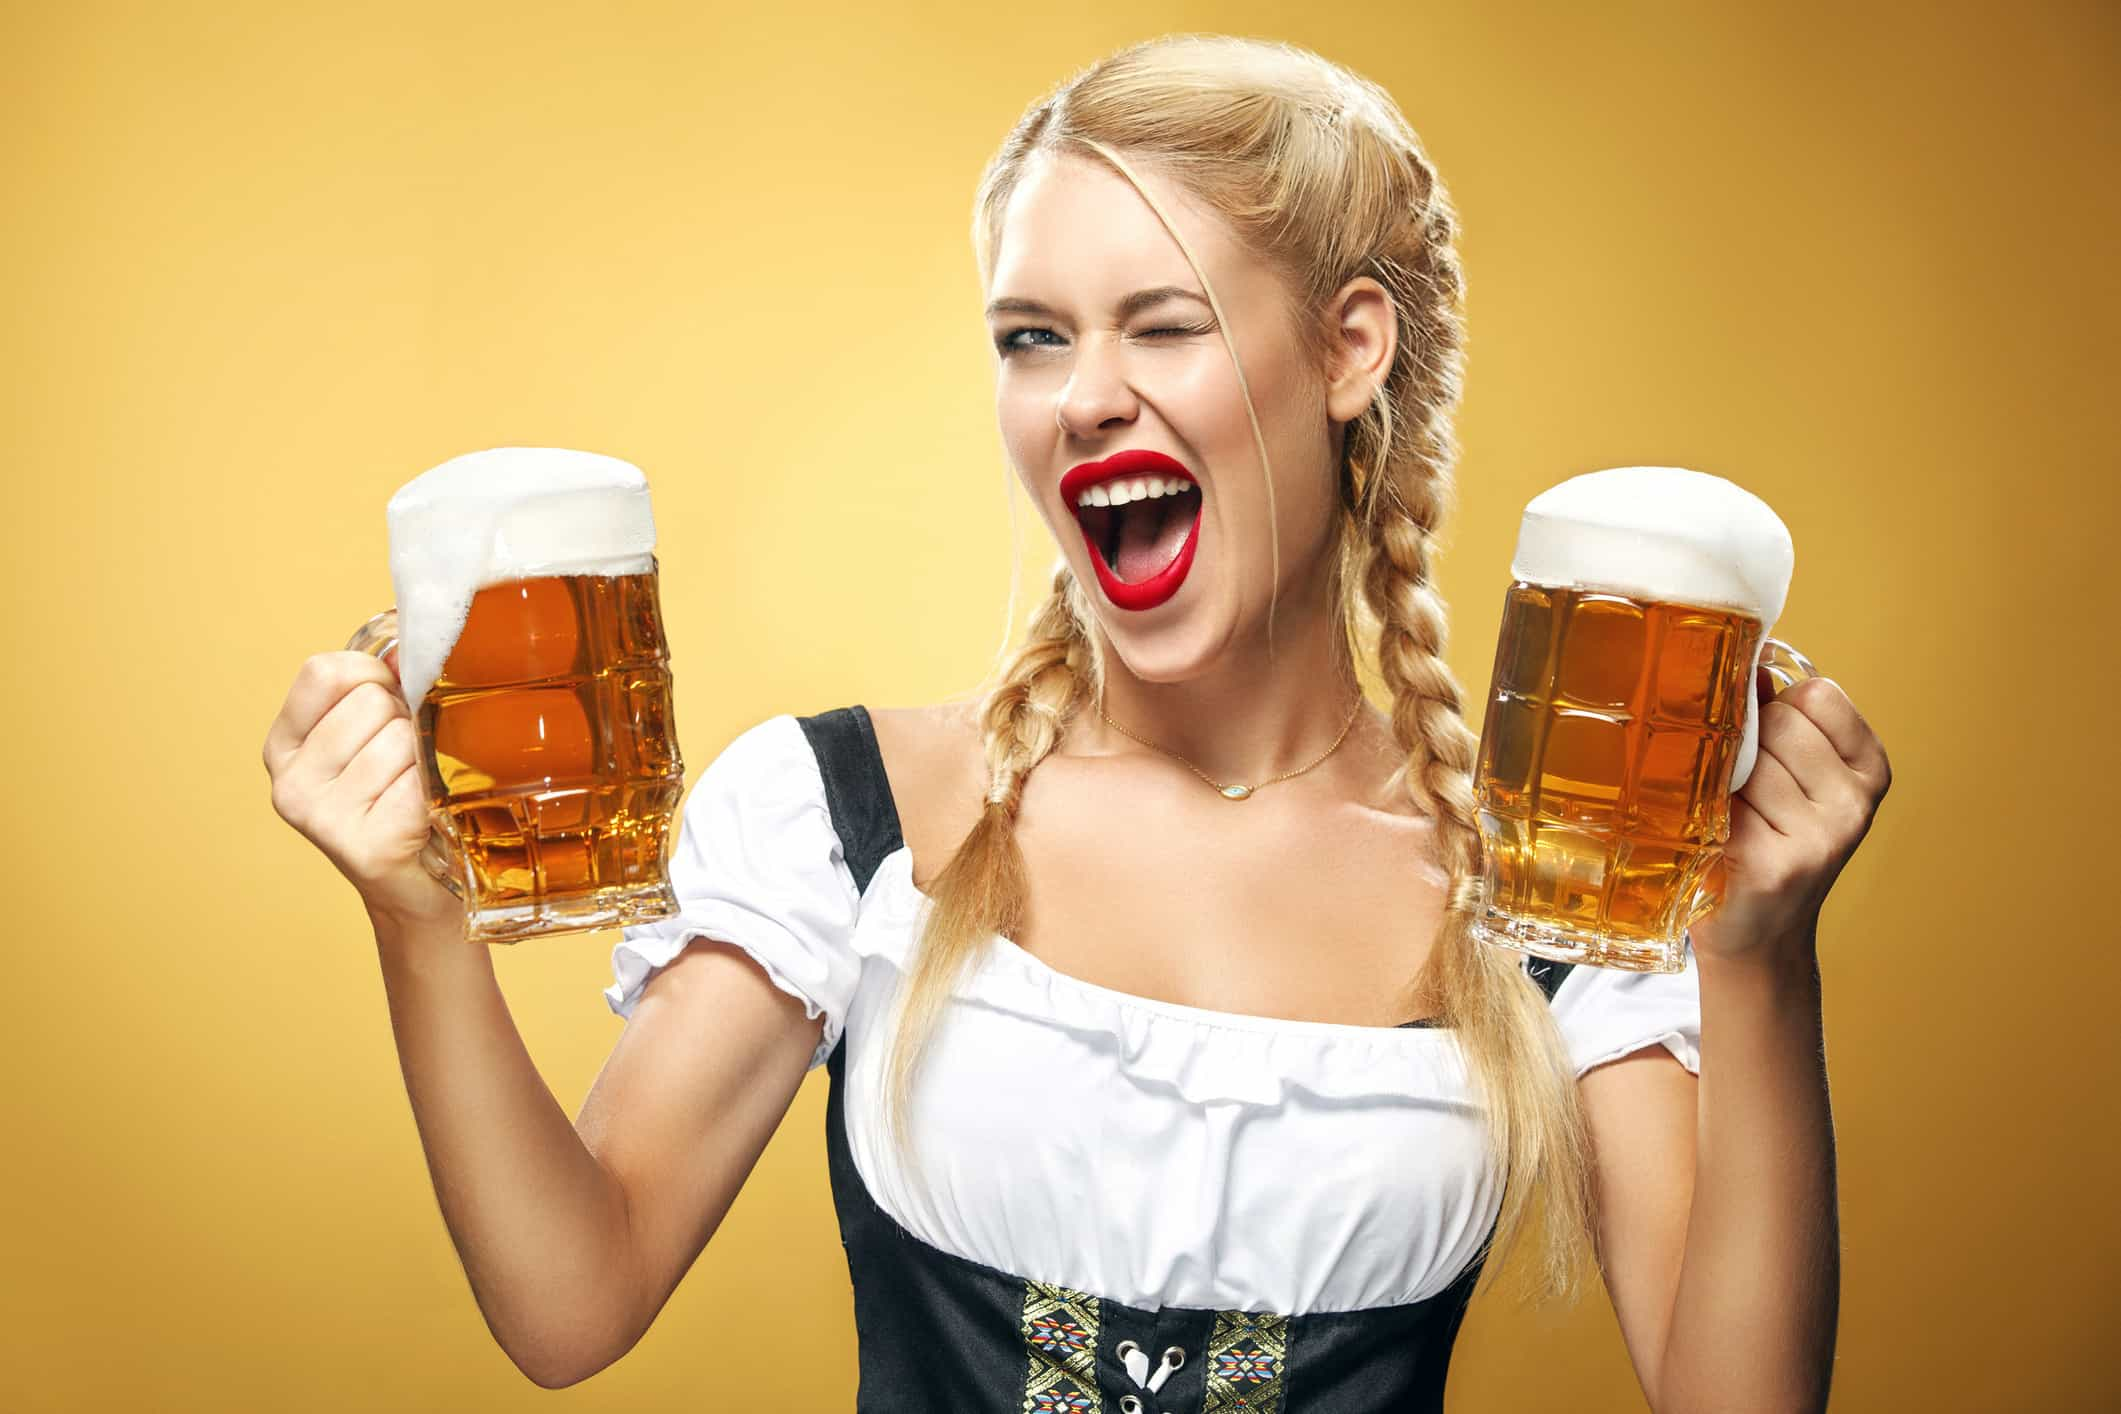 Cerveja: 24 fatos e curiosidades sobre essa bebida super popular!